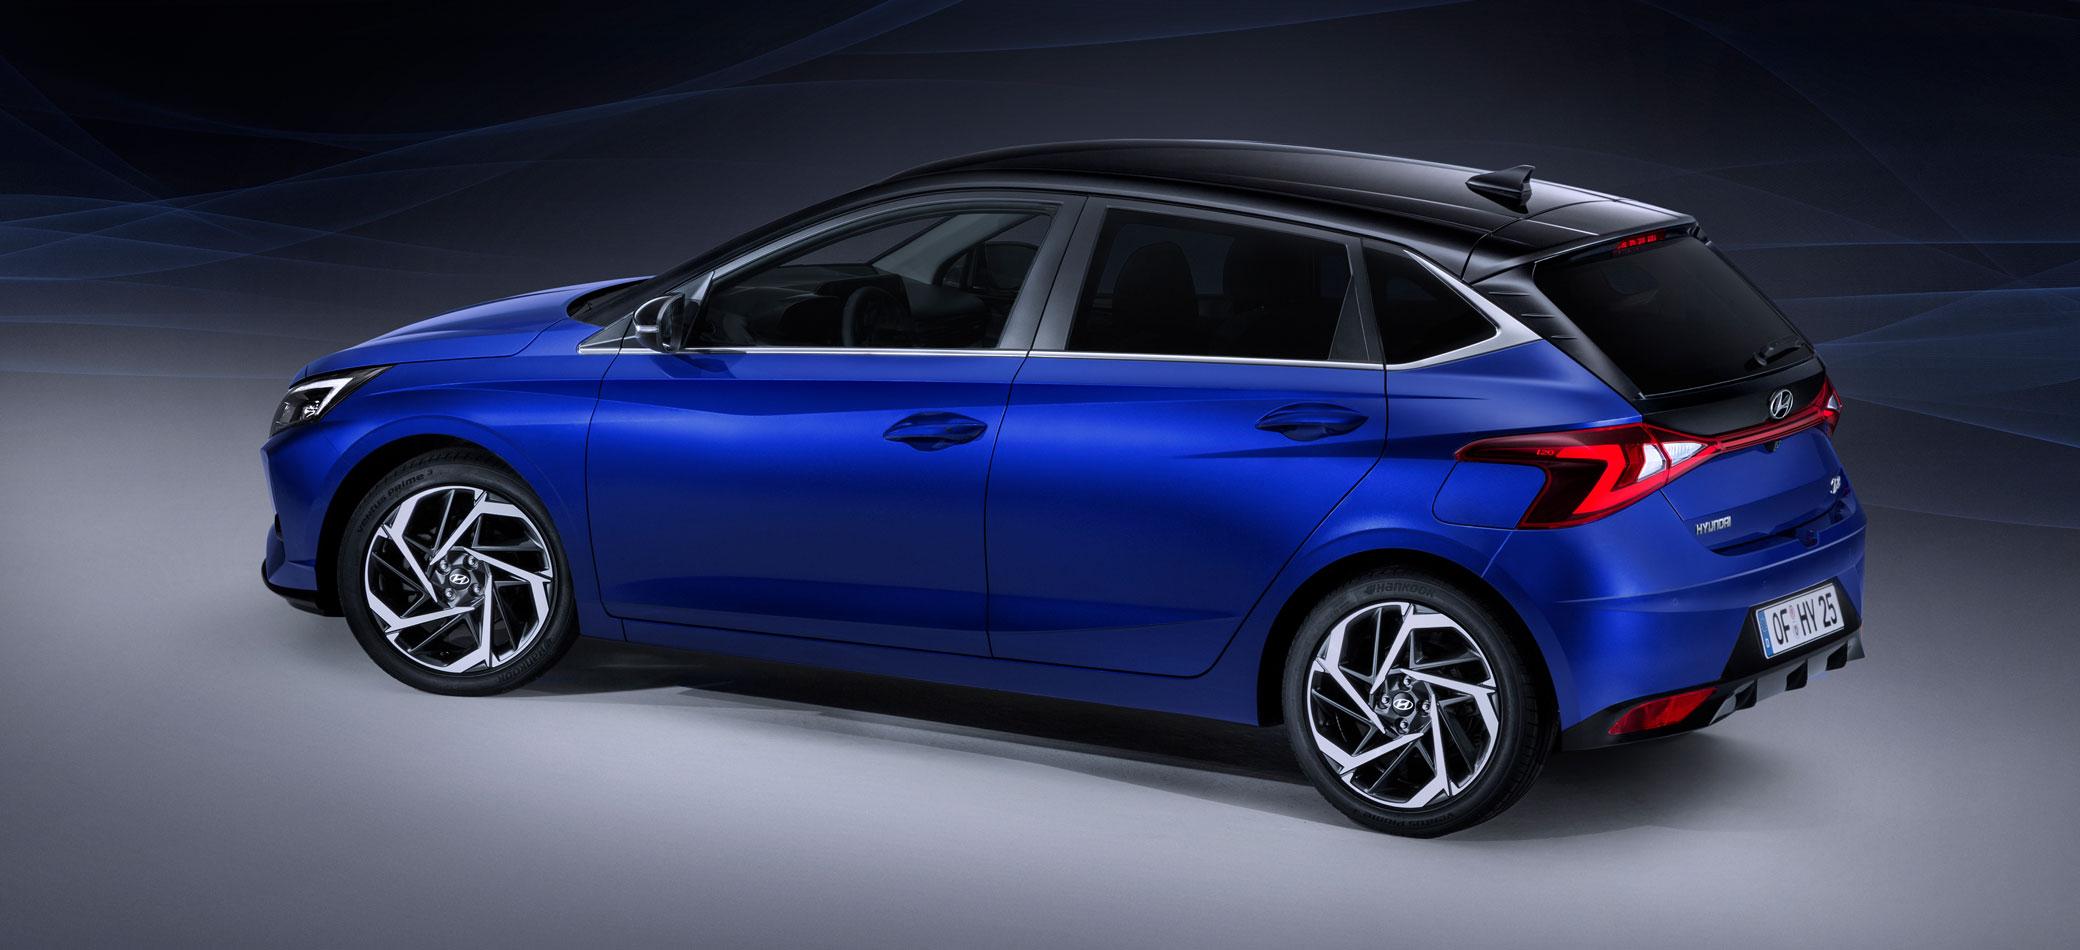 Hyundai i20 2020, Halbseitenansicht von hinten, stehend, blau